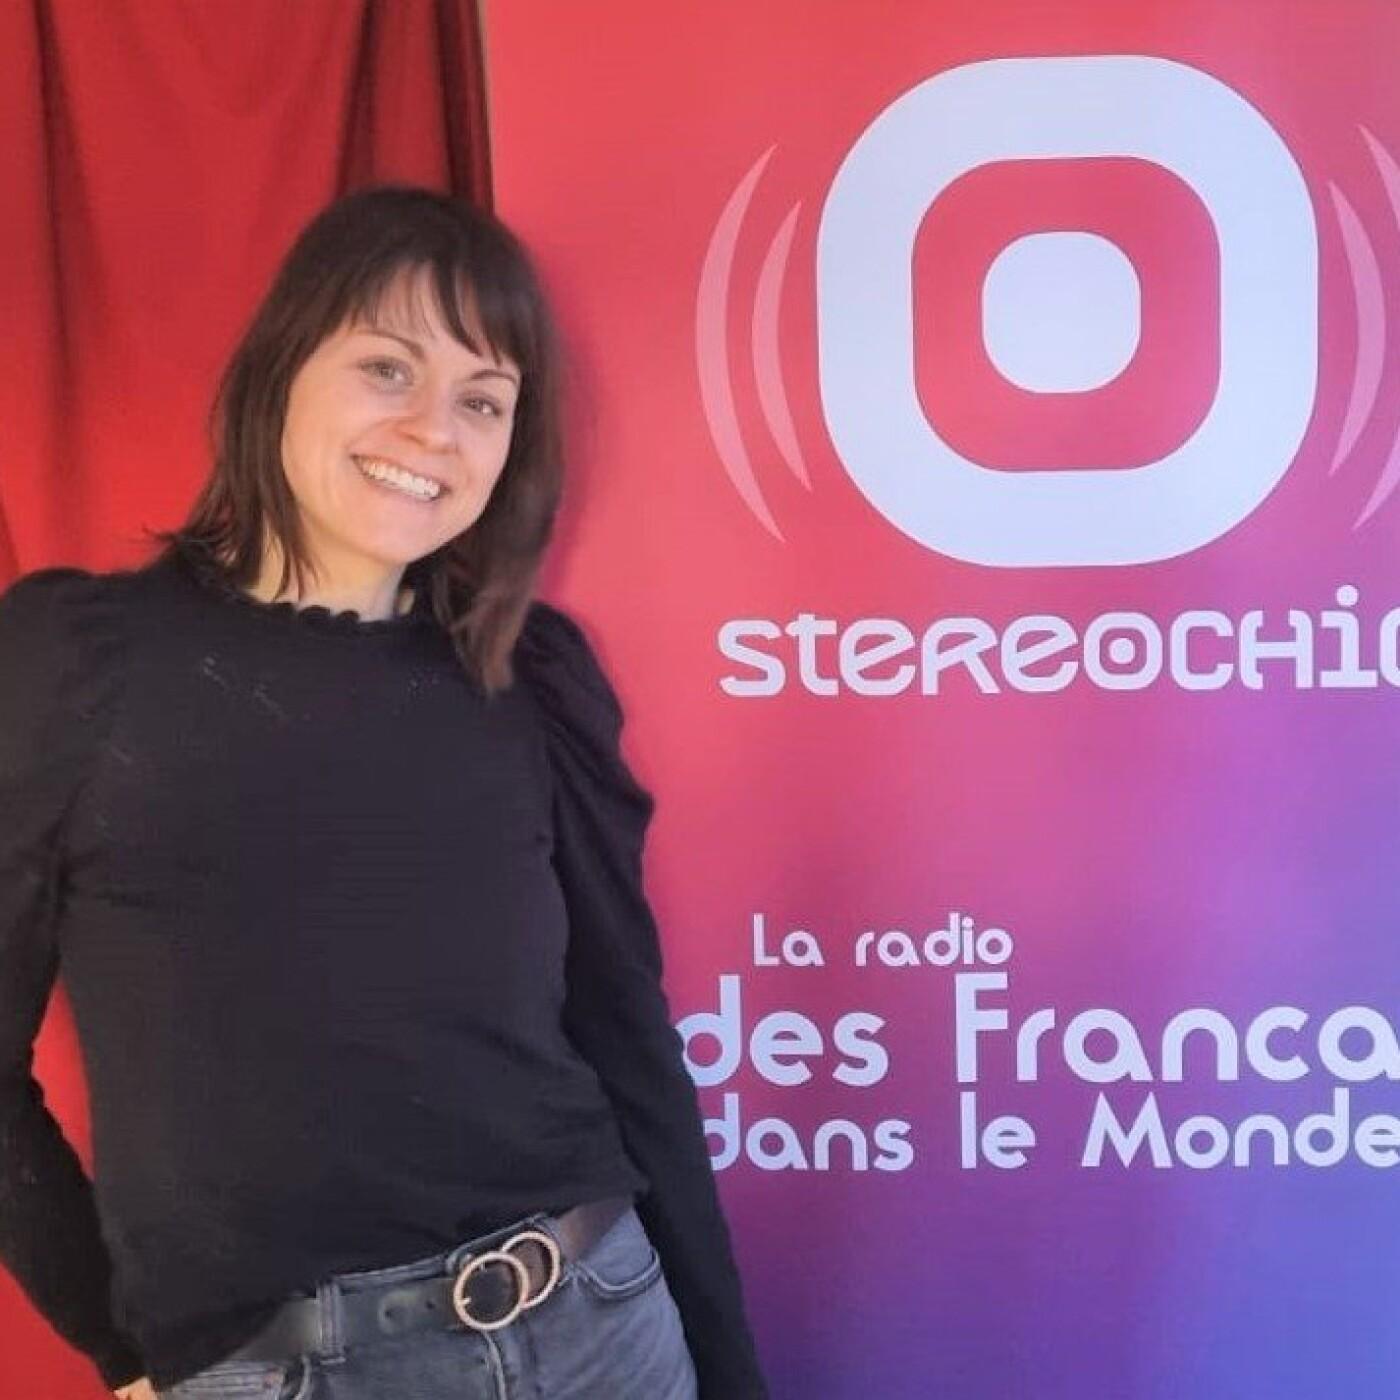 Nata Lee, chroniqueuse StereoChic, se présente aux auditeurs - 26 03 2021 - StereoChic Radio